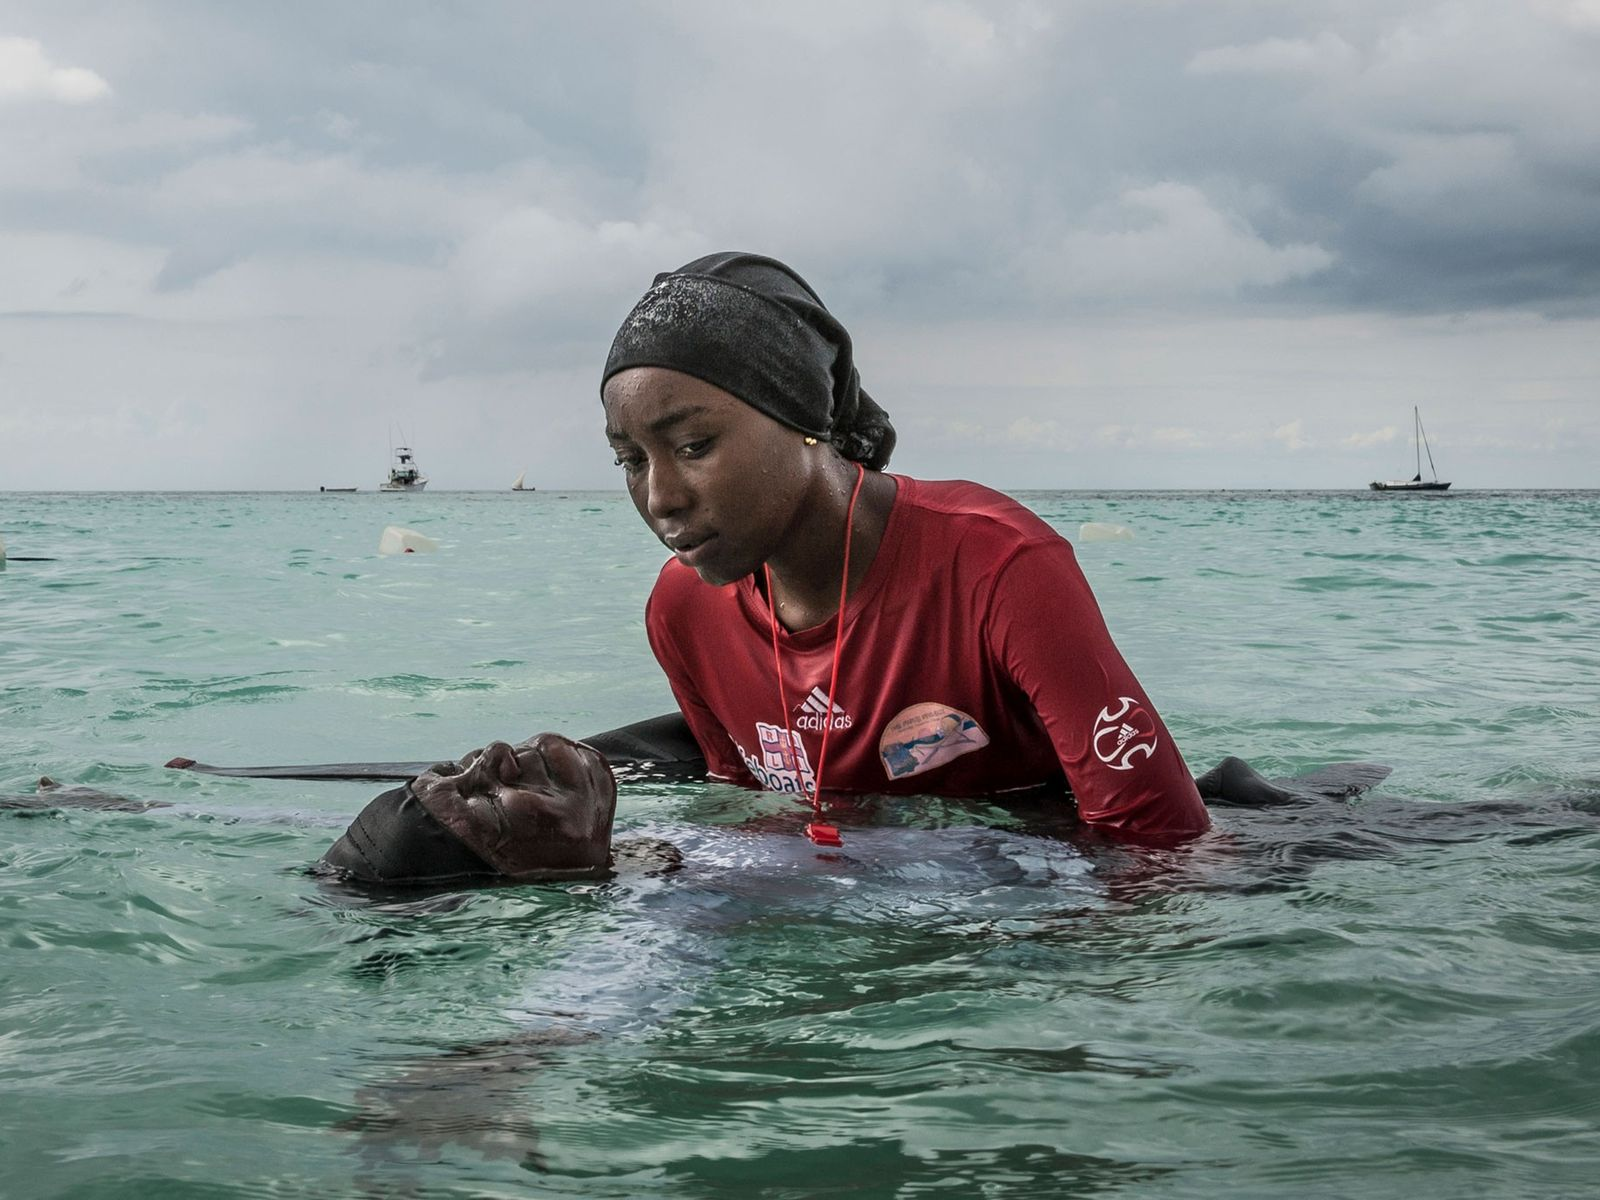 Lehrerin hilft Schülerin im Wasser